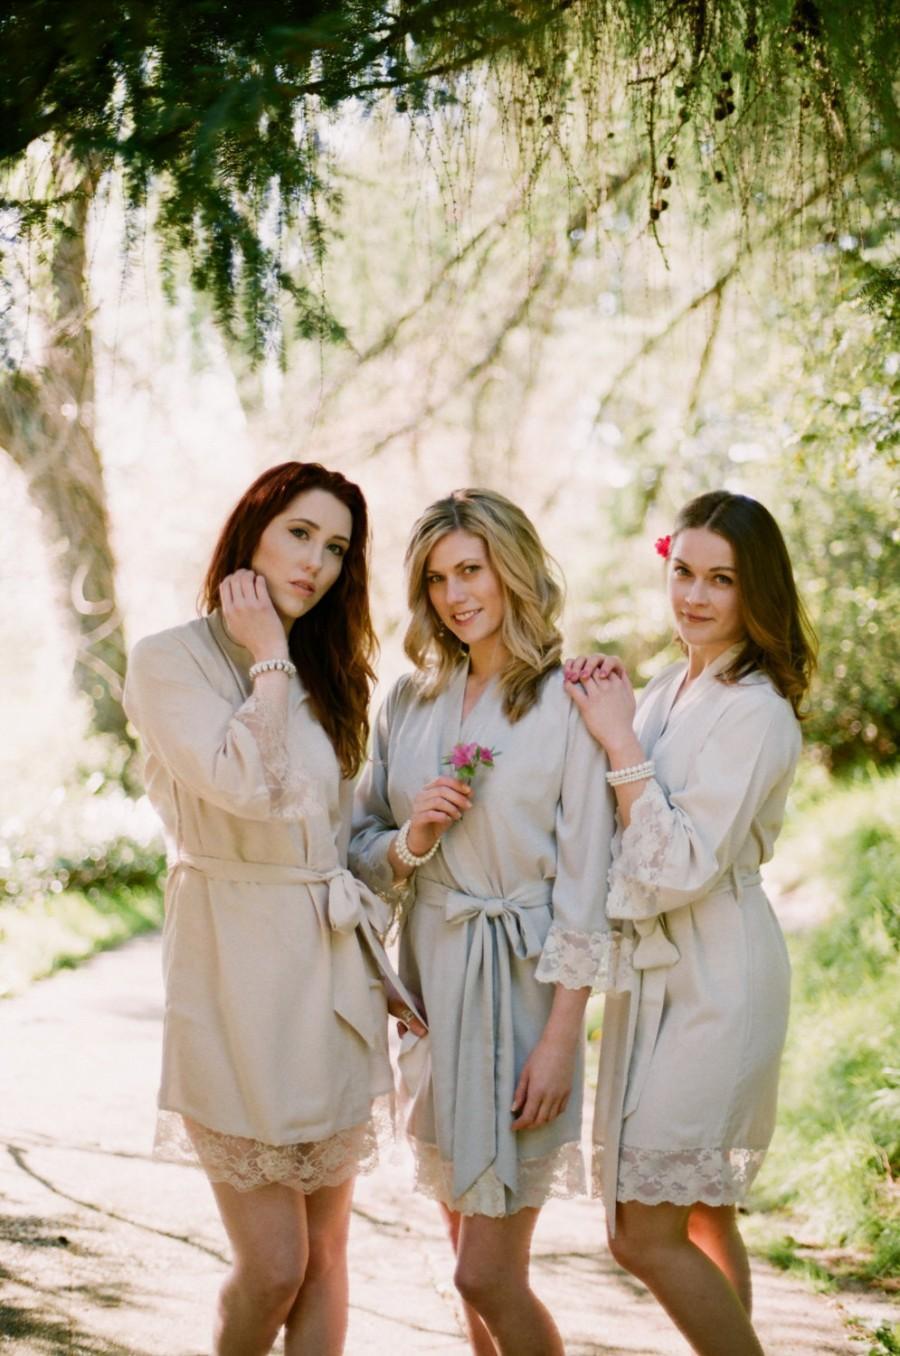 زفاف - 3 knee length robes in faux crepe de chine silk trimmed with lace. Bridal robes and bridesmaids robes in neutral tones.